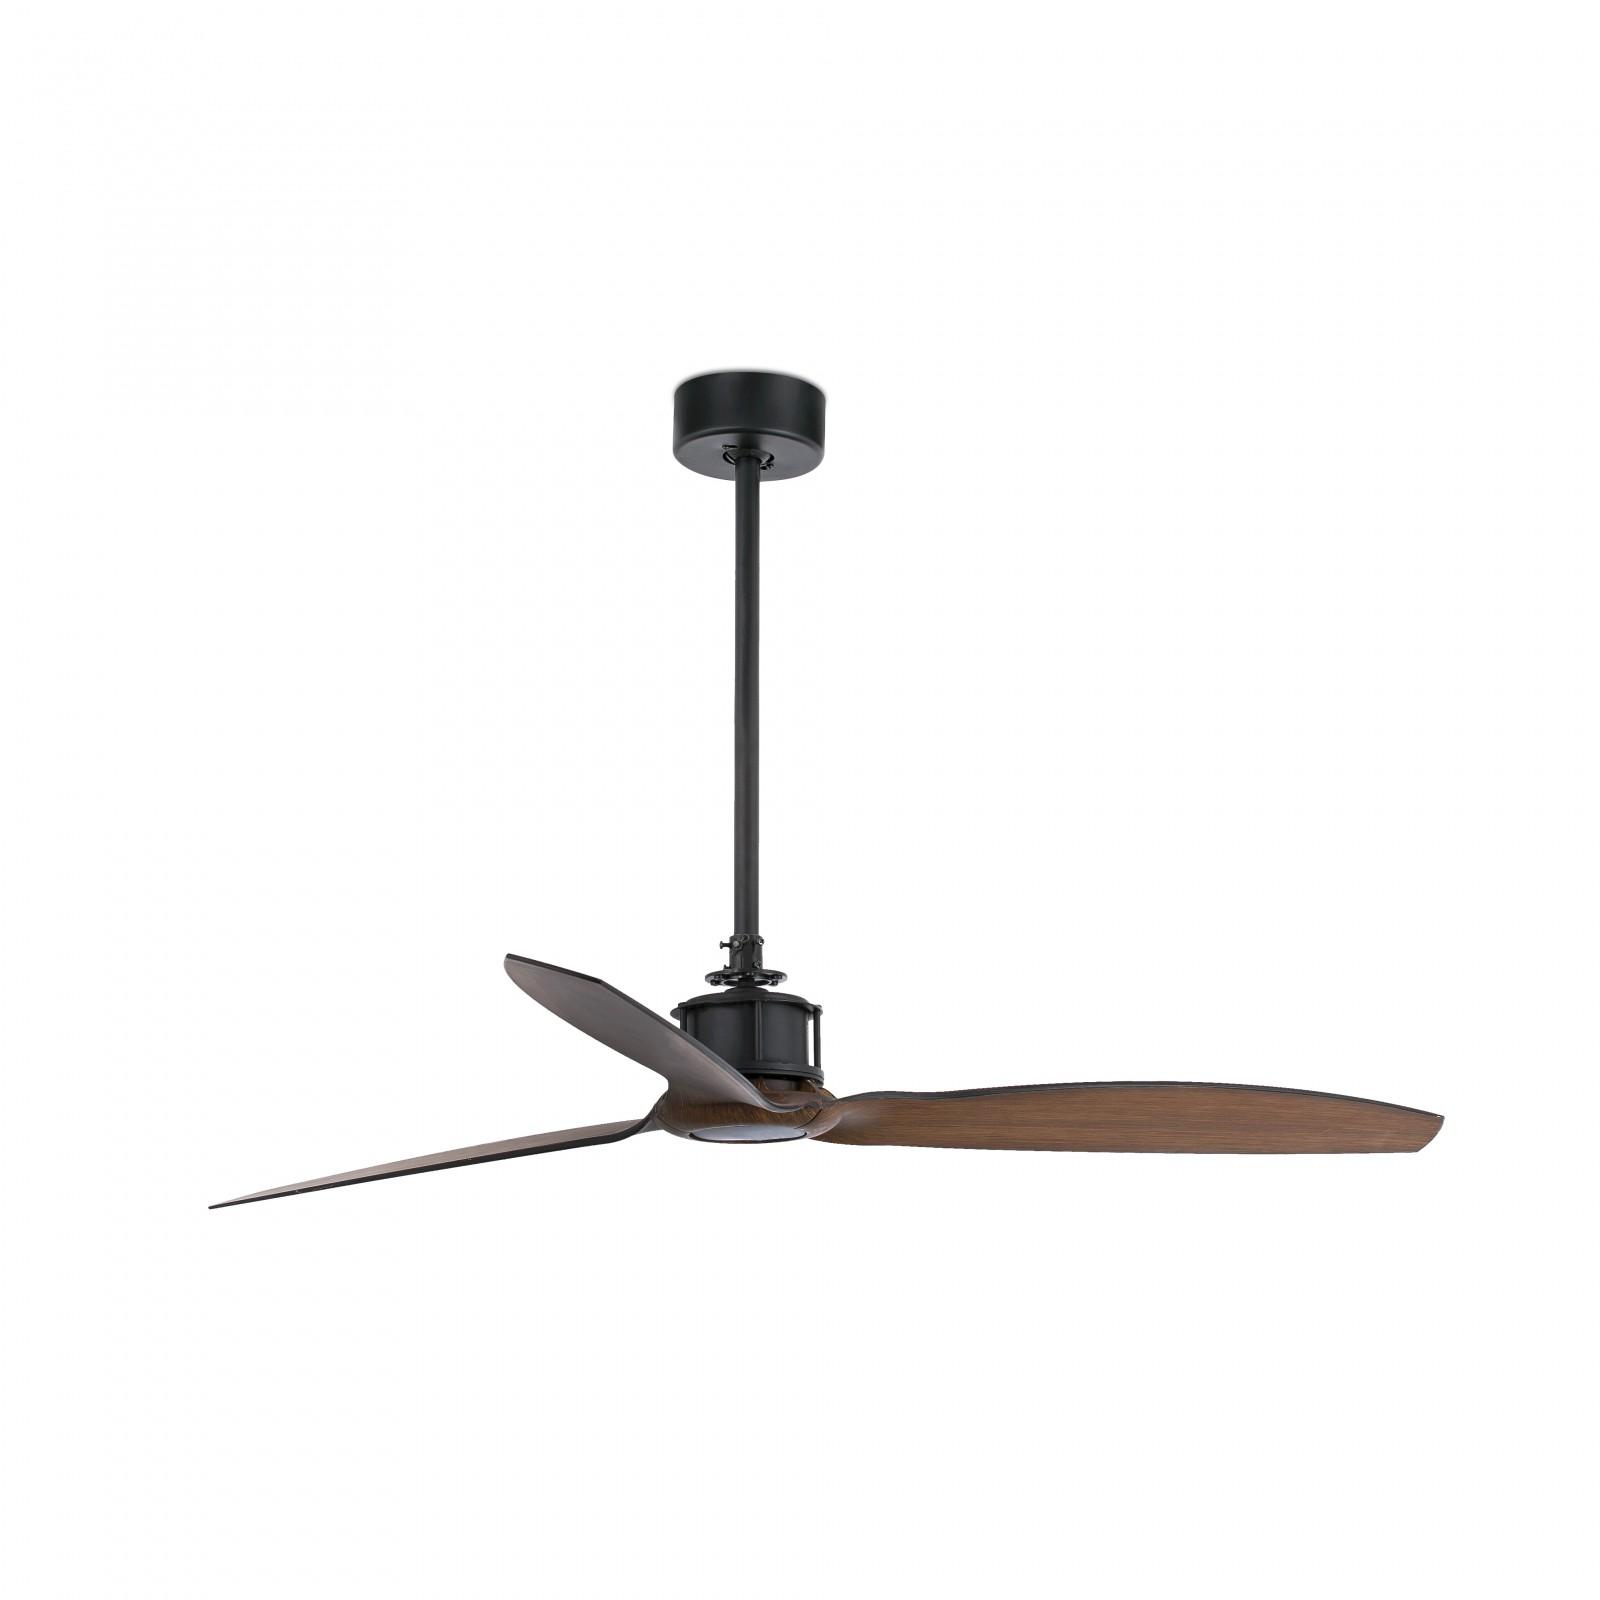 33395-Energiespar-Deckenventilator-Just-Fan-128-cm Elegantes Deckenventilator Mit Fernbedienung Und Beleuchtung Dekorationen